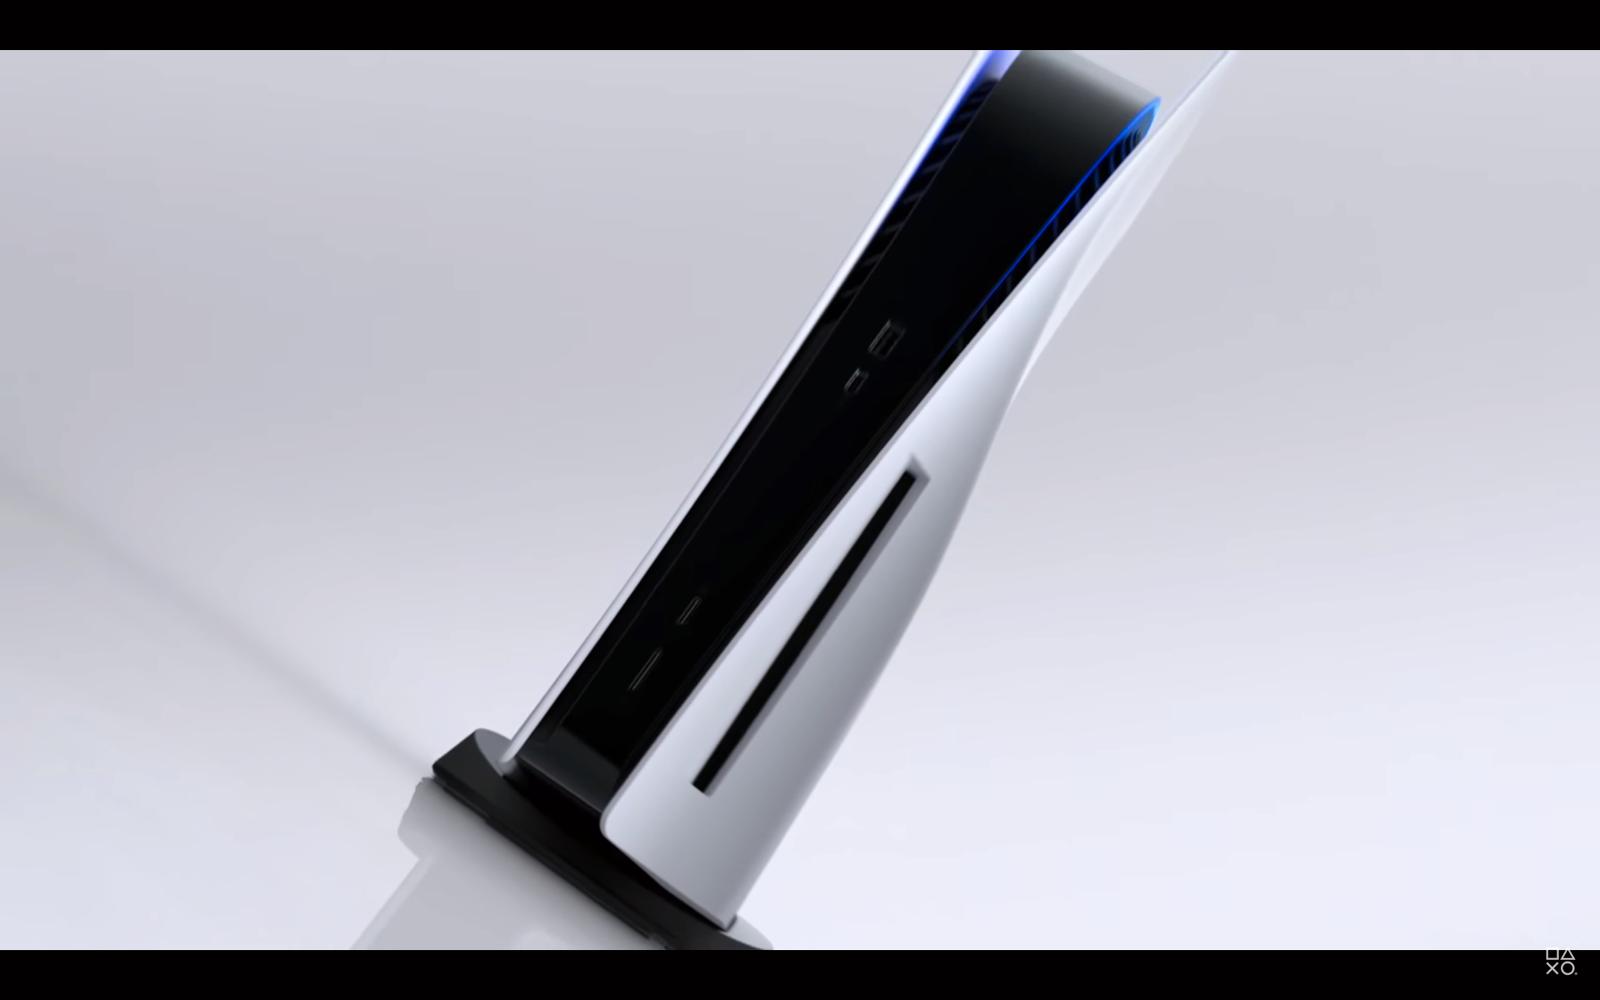 Den nye konsollen er hvit og sort, akkurat som kontrolleren.